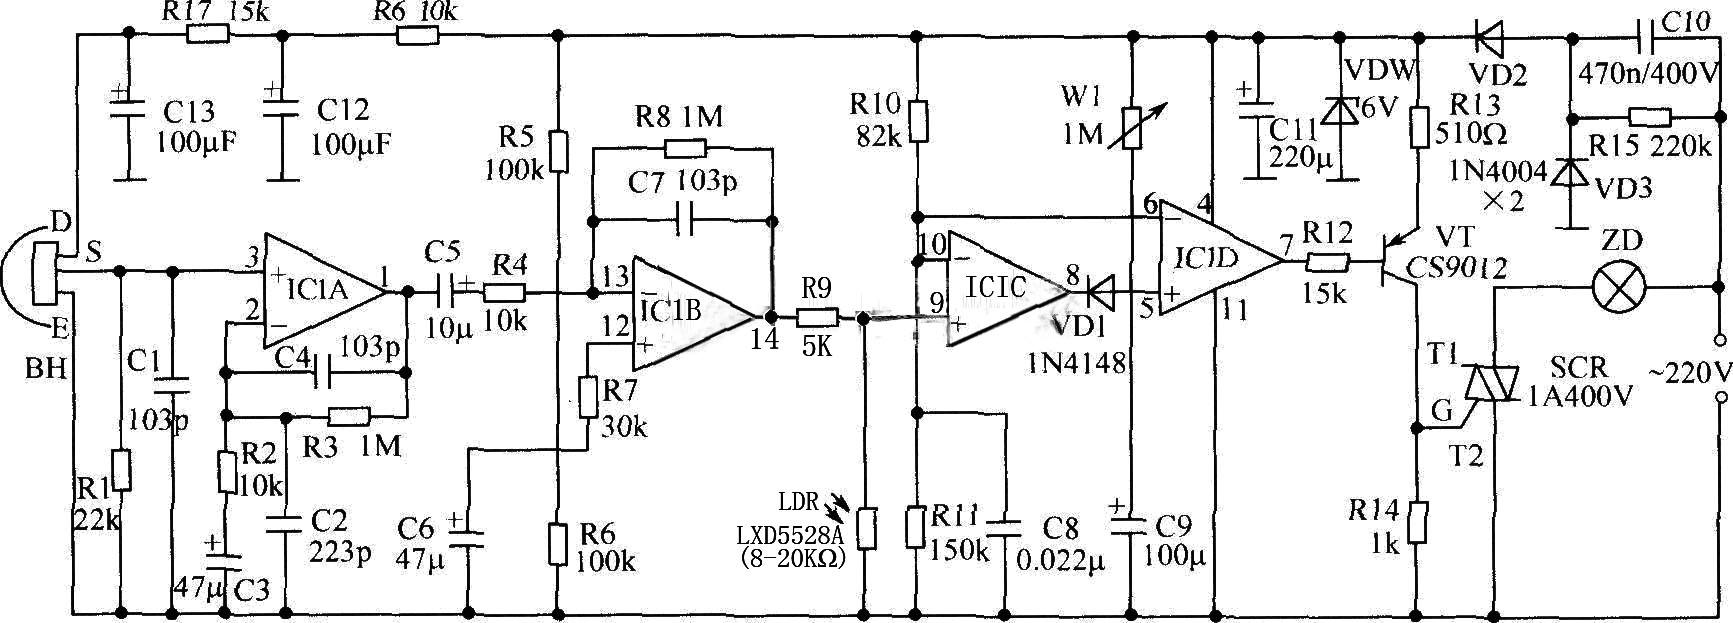 帮帮画个使用光敏电阻和红外传感器控制照明灯发亮的简易电路图,谢谢